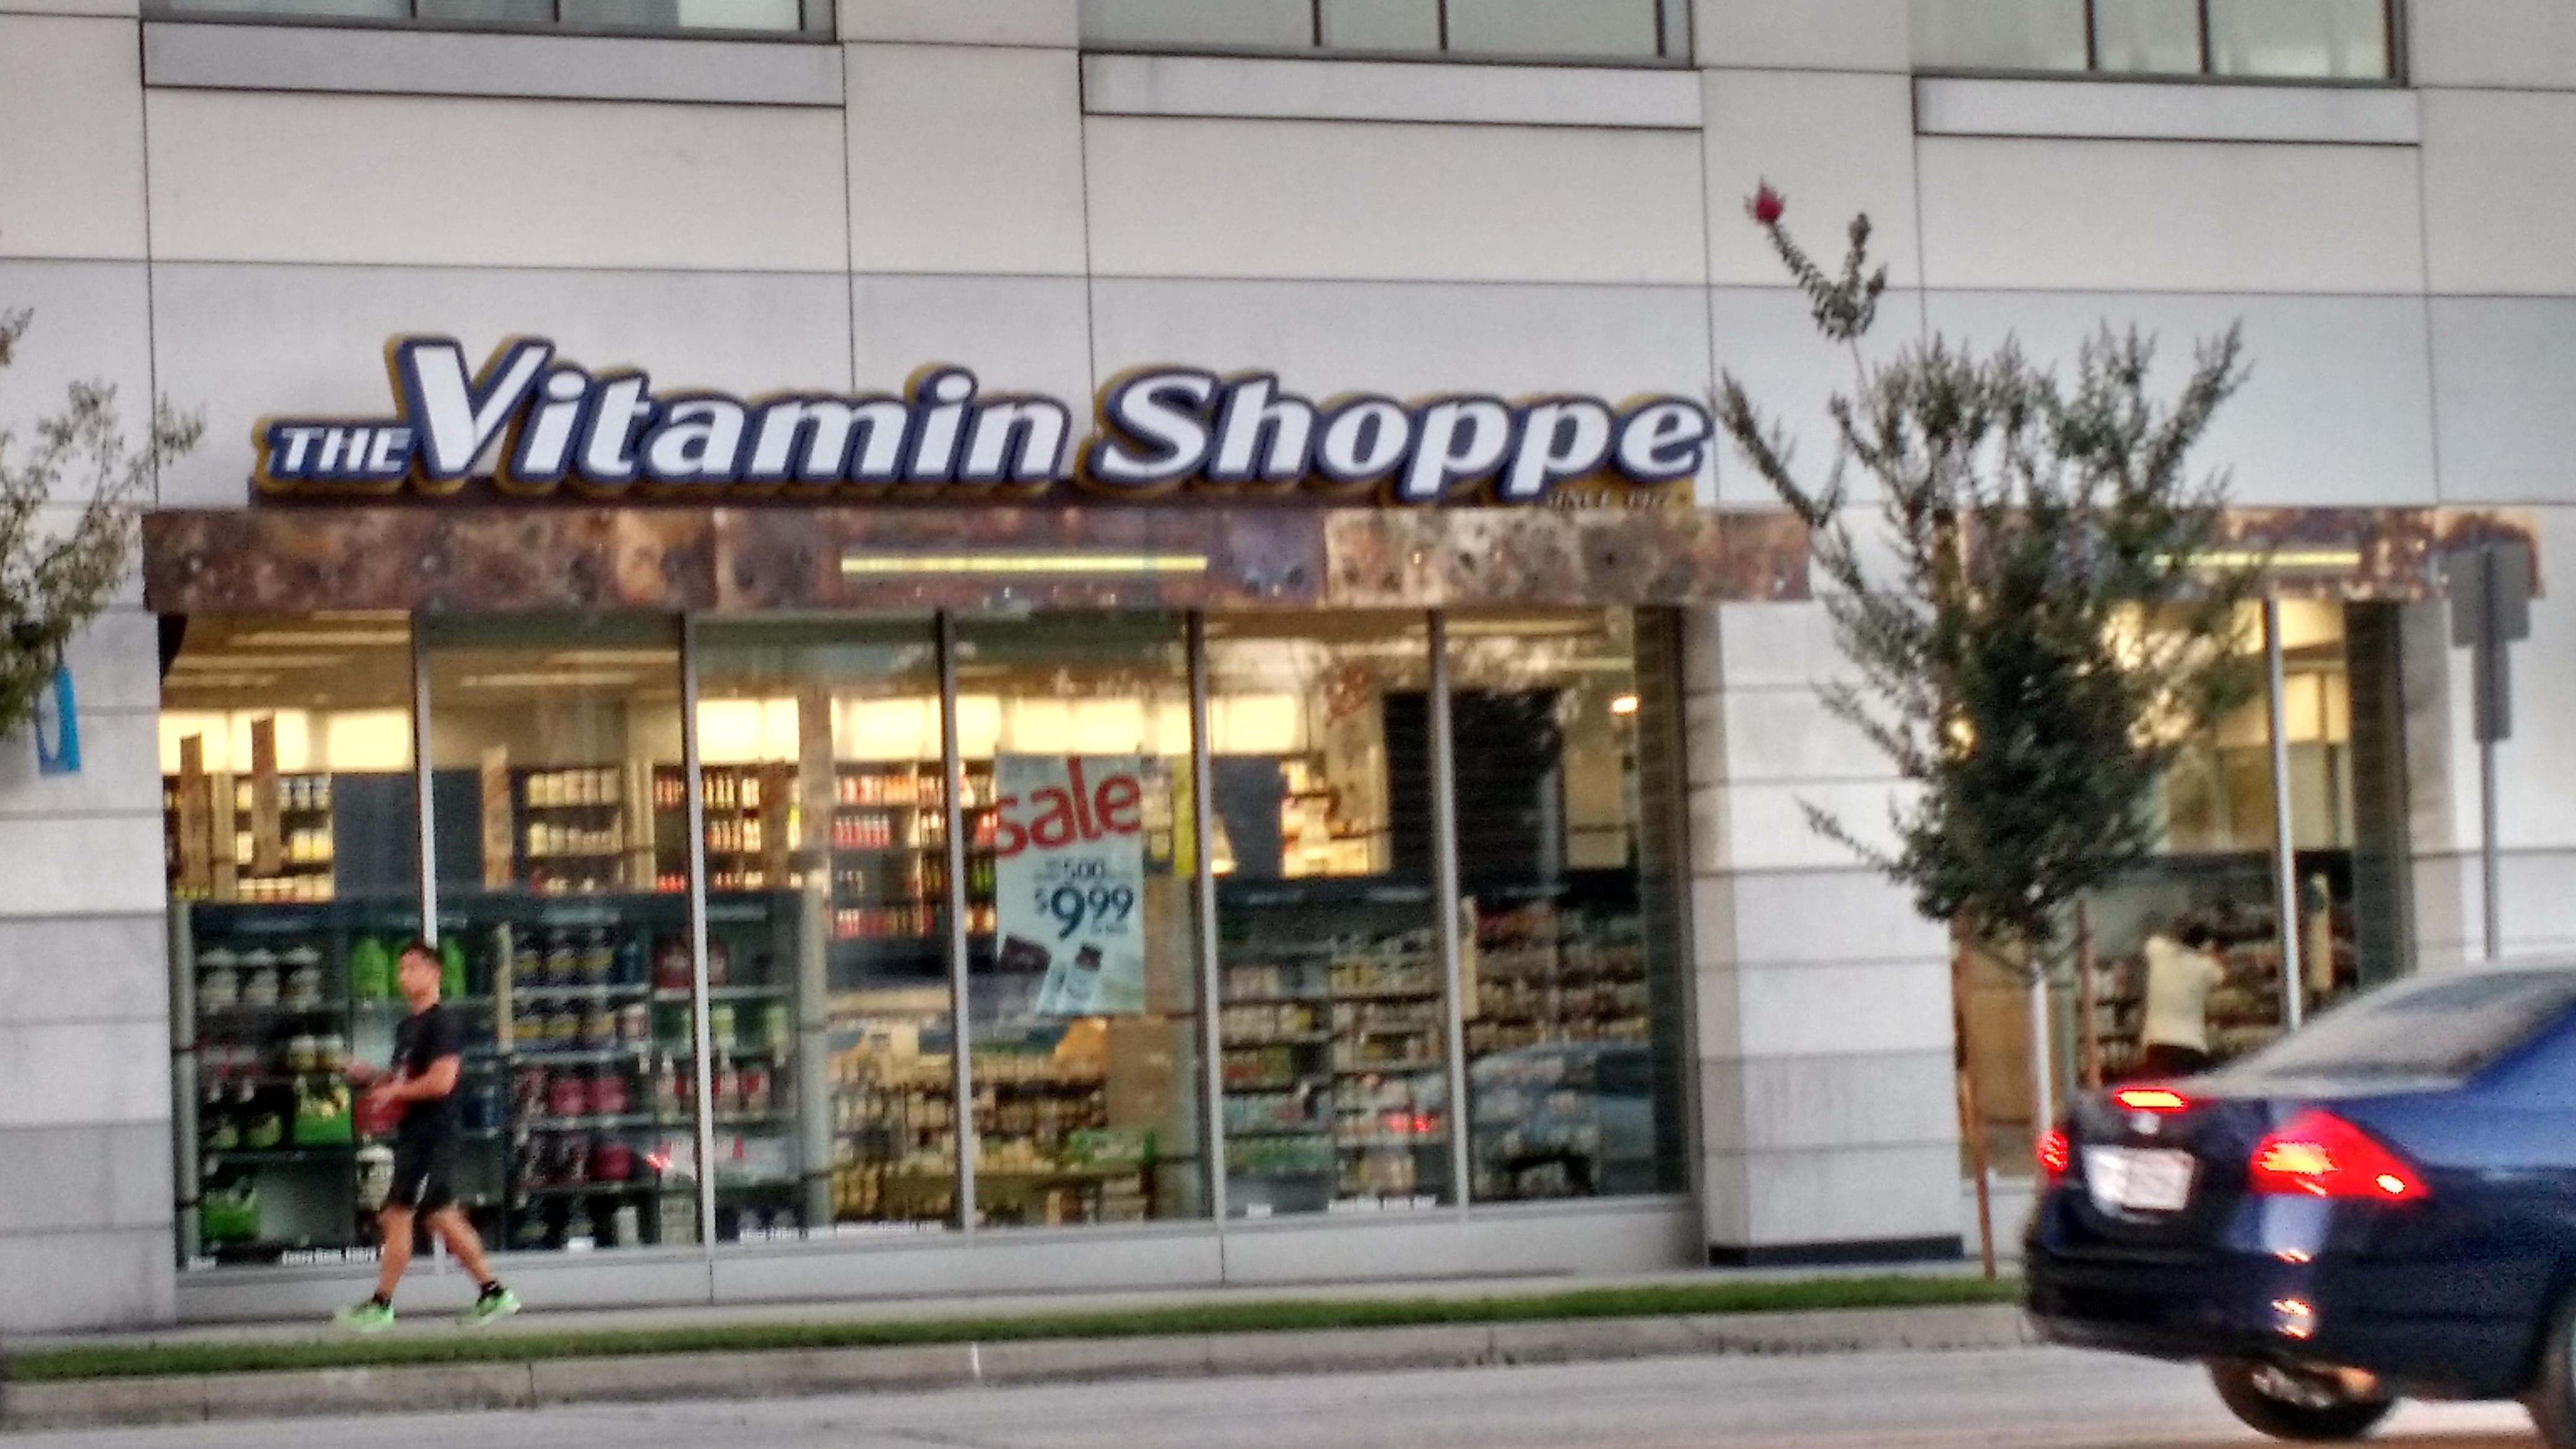 Vitamin Shoppe 181 S Lake Ave #5, Pasadena